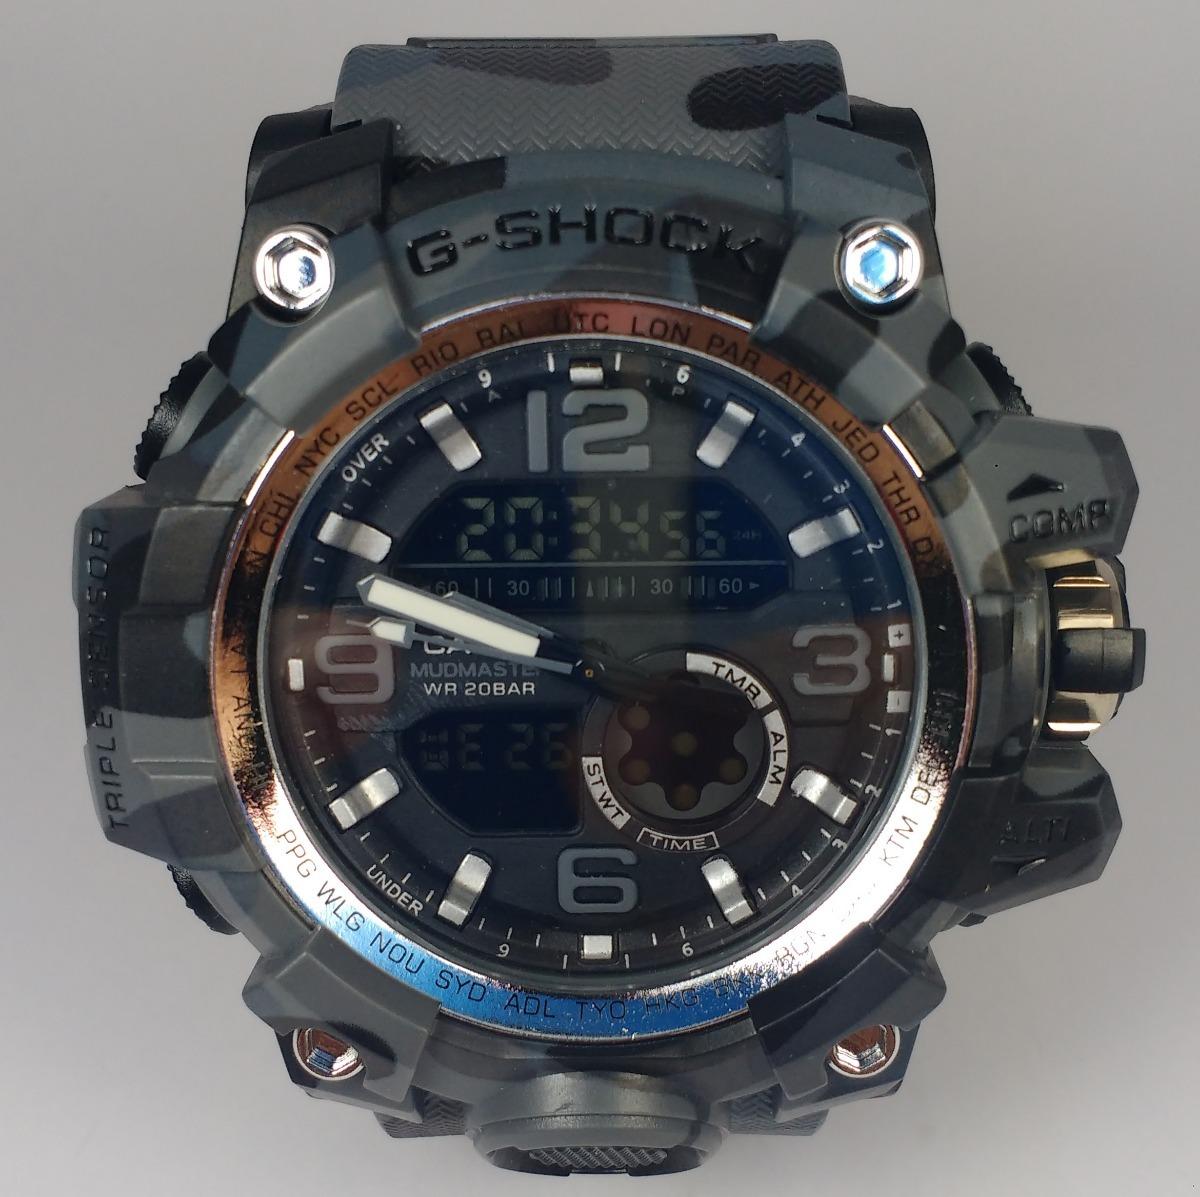 b5ca82da689 relógio masculino g shock camuflado cinza frete grátis. Carregando zoom.